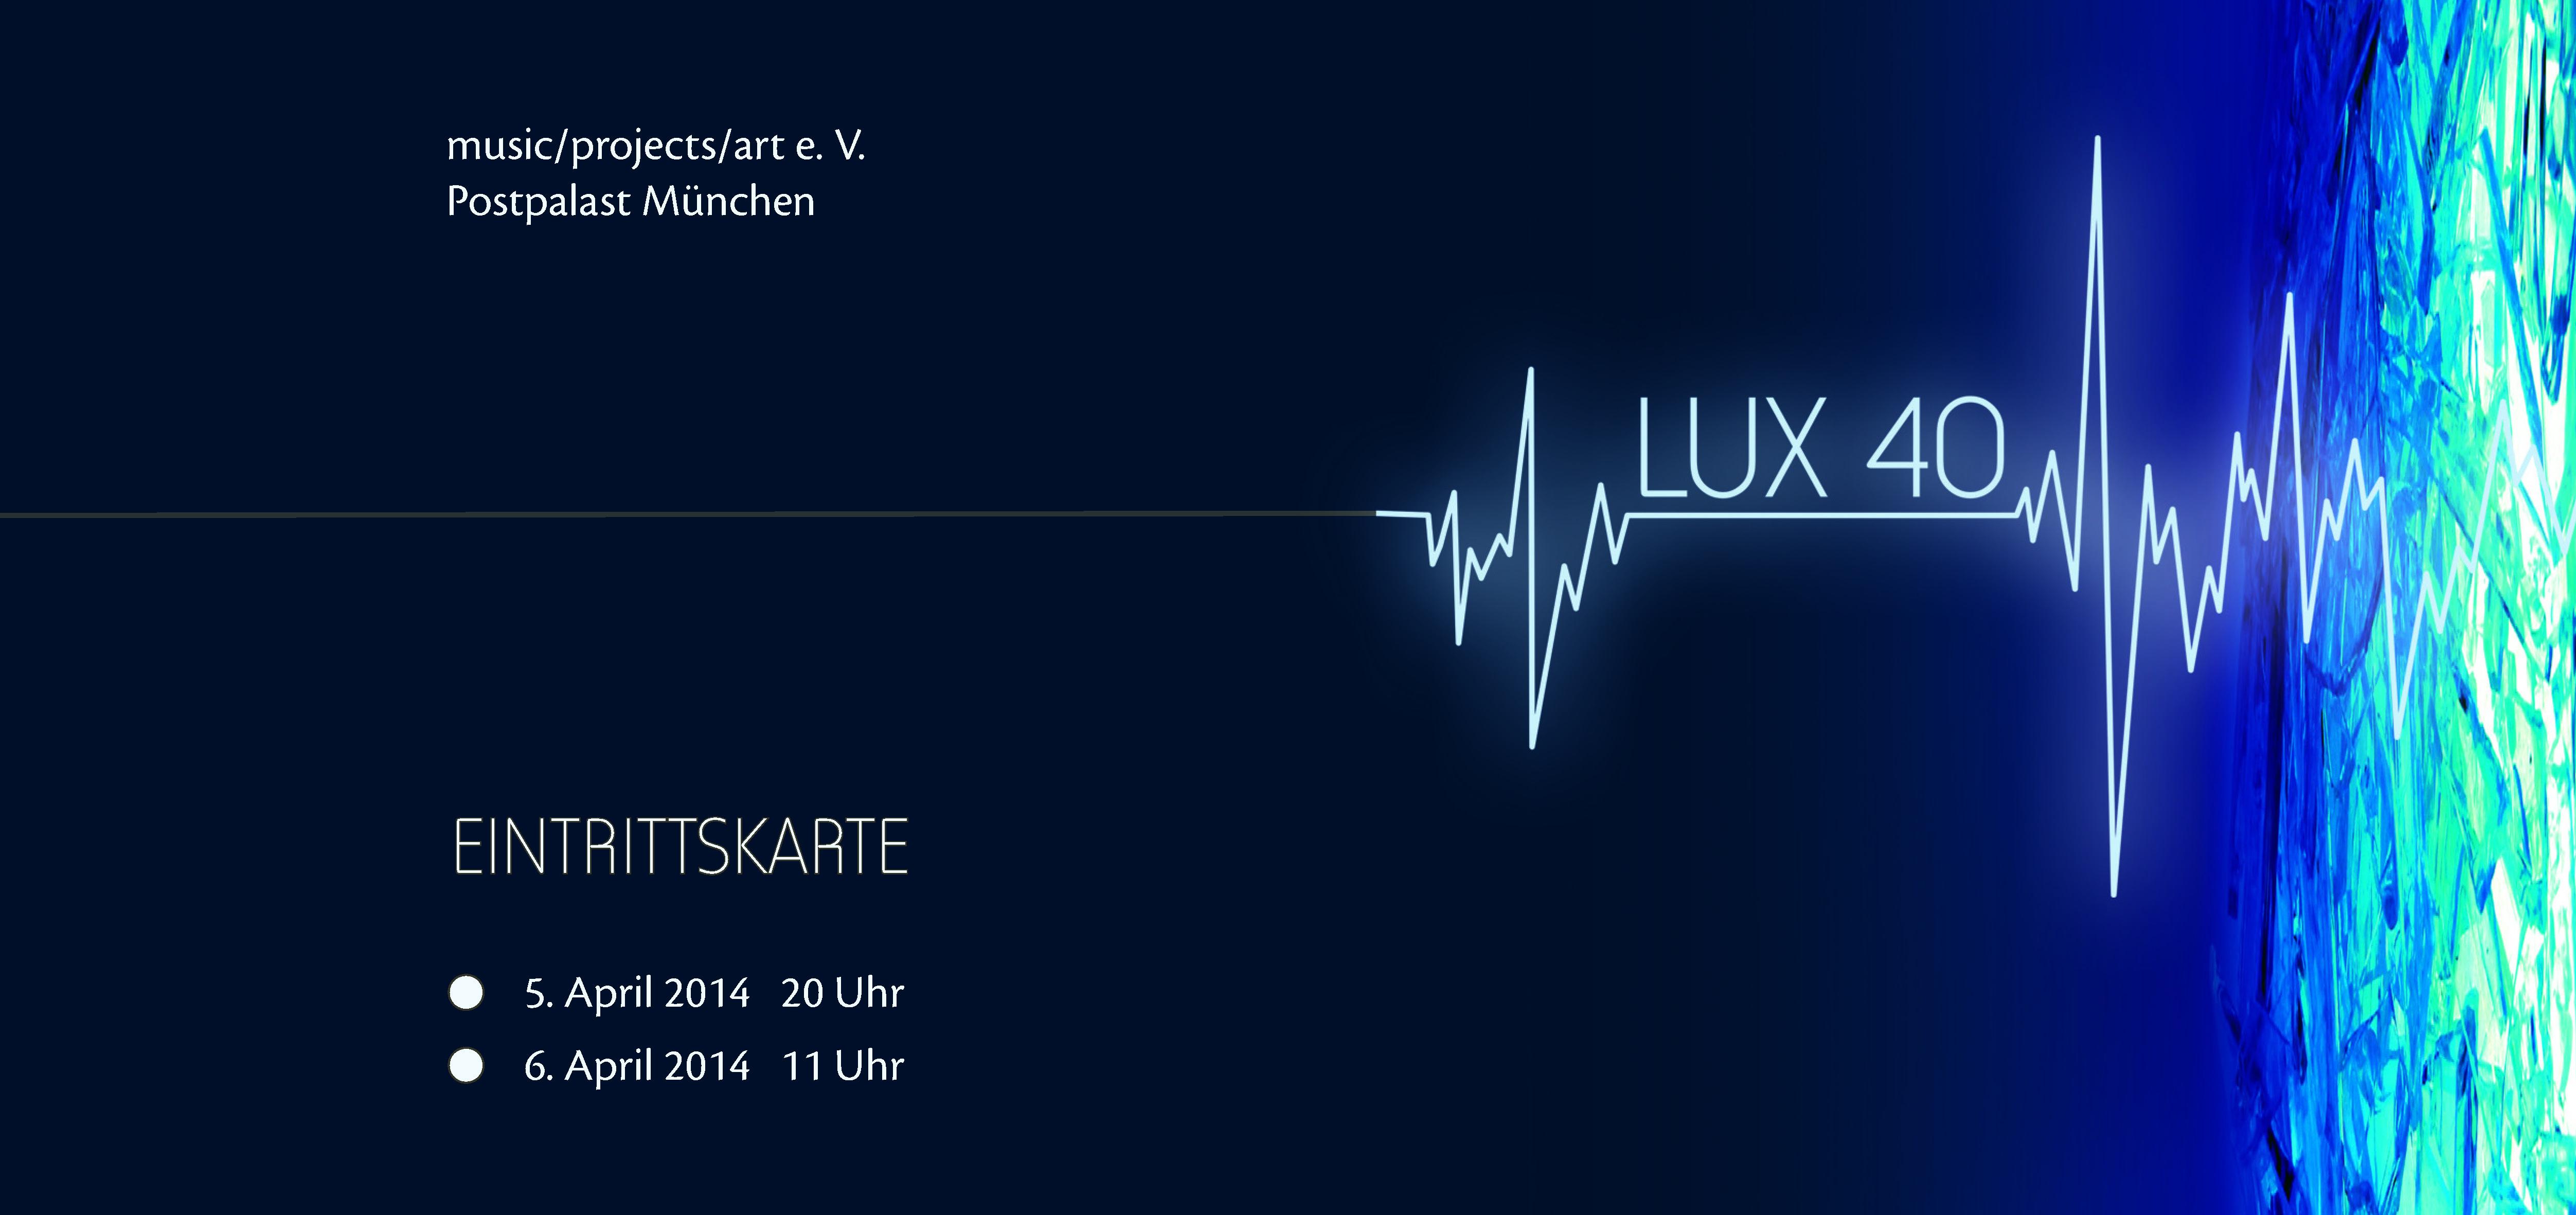 LUX 40 Eintrittskarte-quer